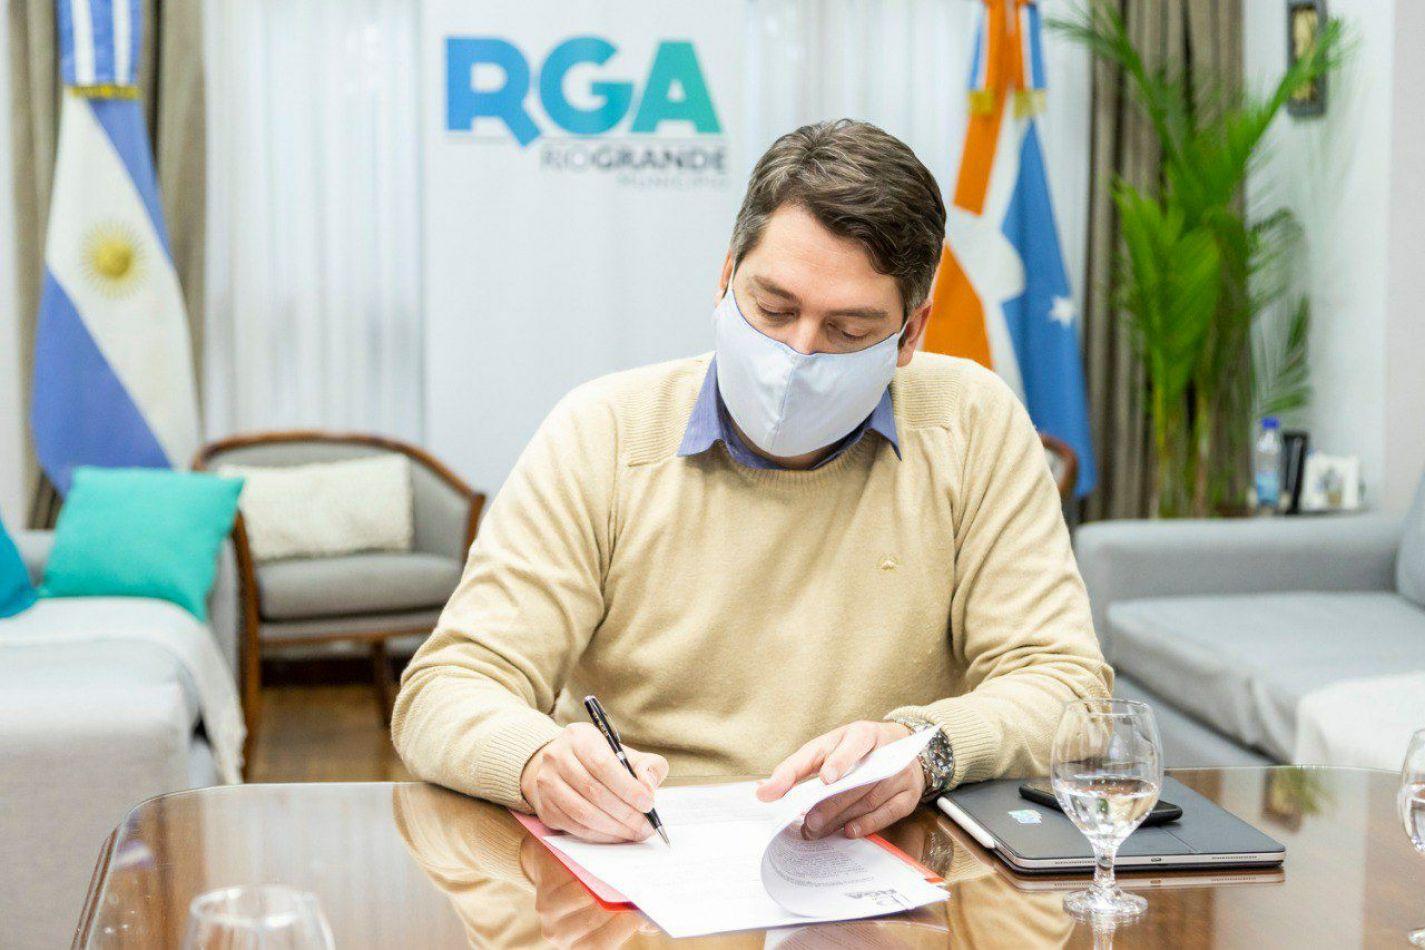 Intendente de Río Grande, Martín Perez.